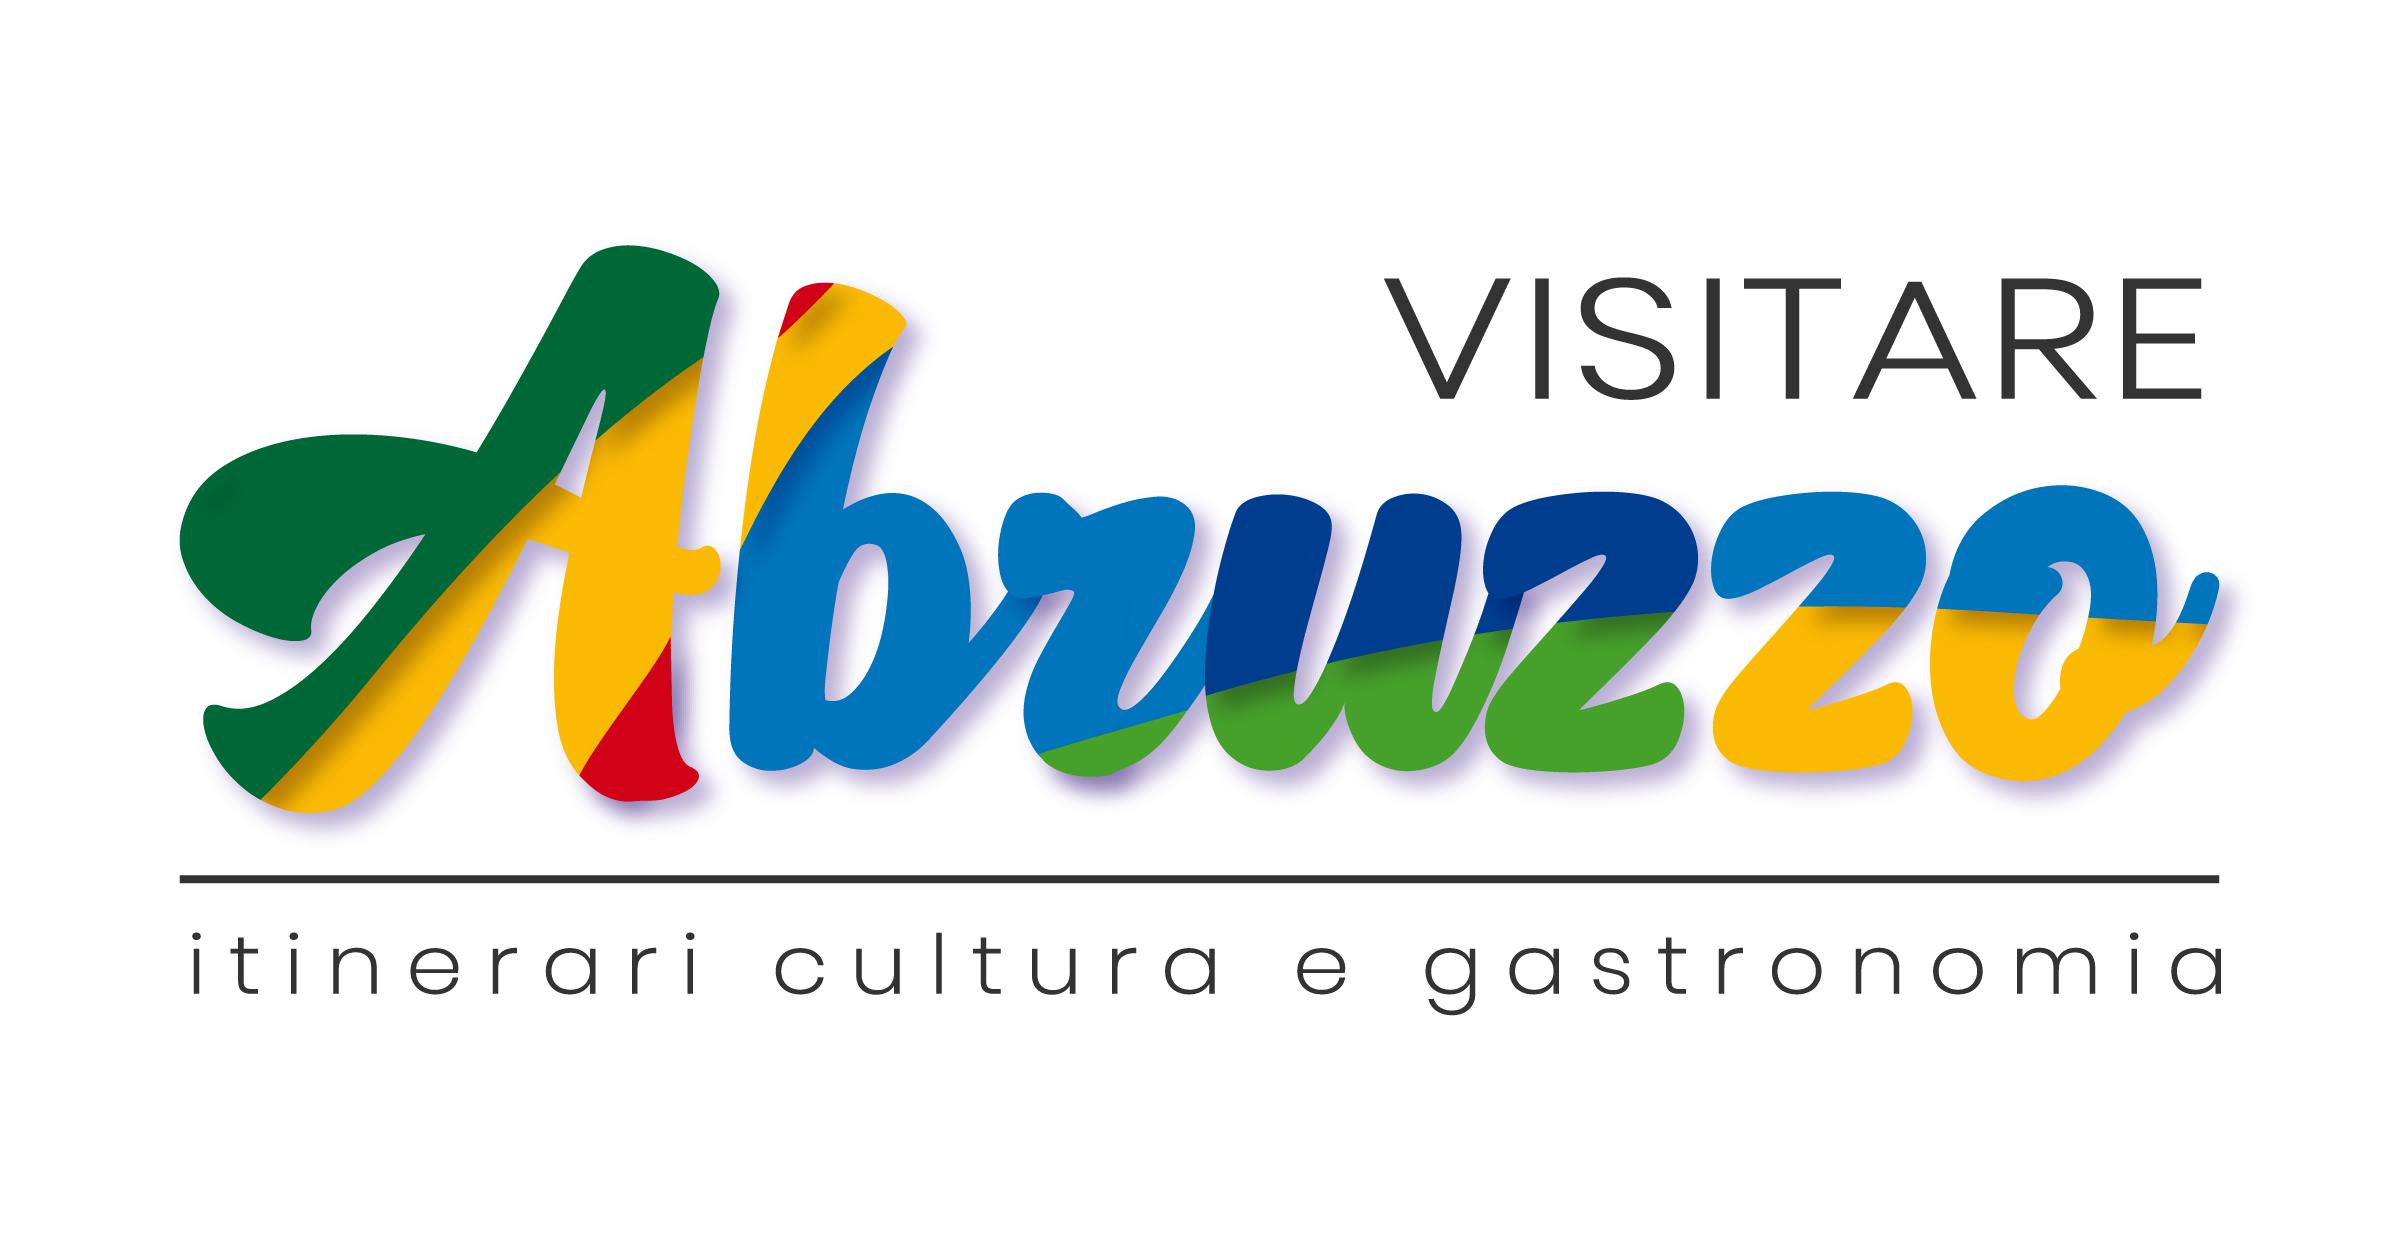 Visitare Abruzzo